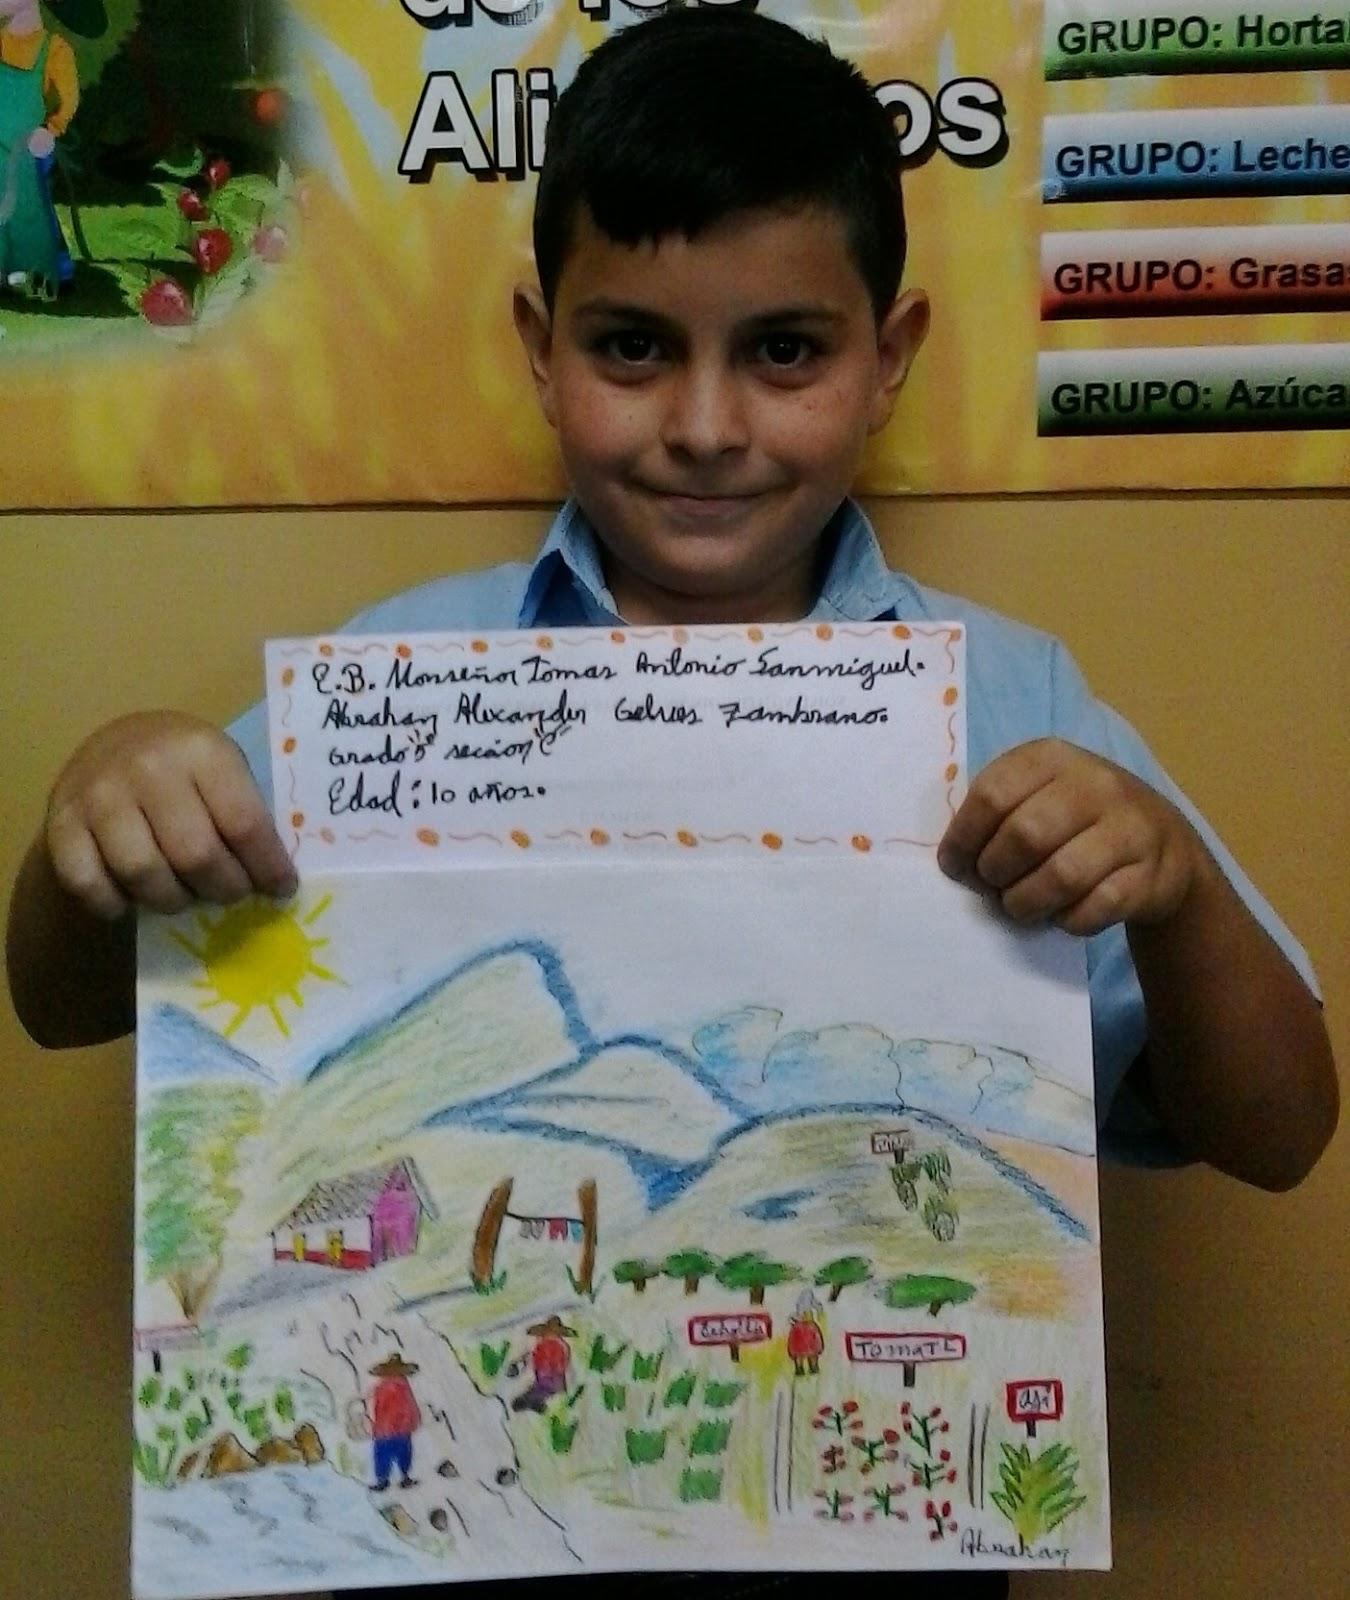 Escuela Bolivariana Monsenor Tomas Antonio Sanmiguel Concurso De Carteles Del Dia Mundial De La Alimentacion